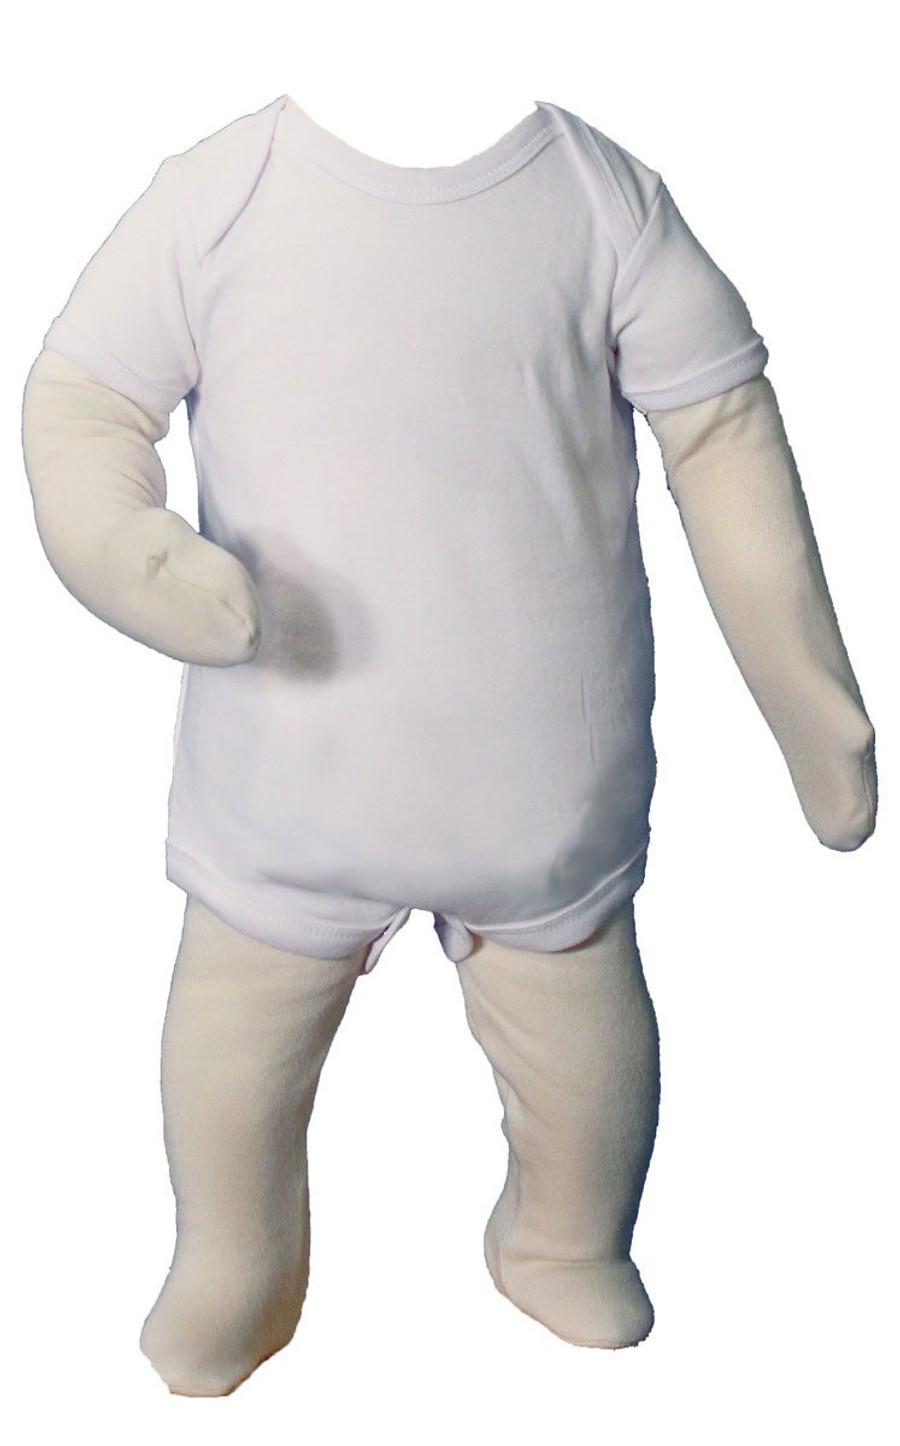 100% Cotton knit one christening piece bodysuit or onesie.